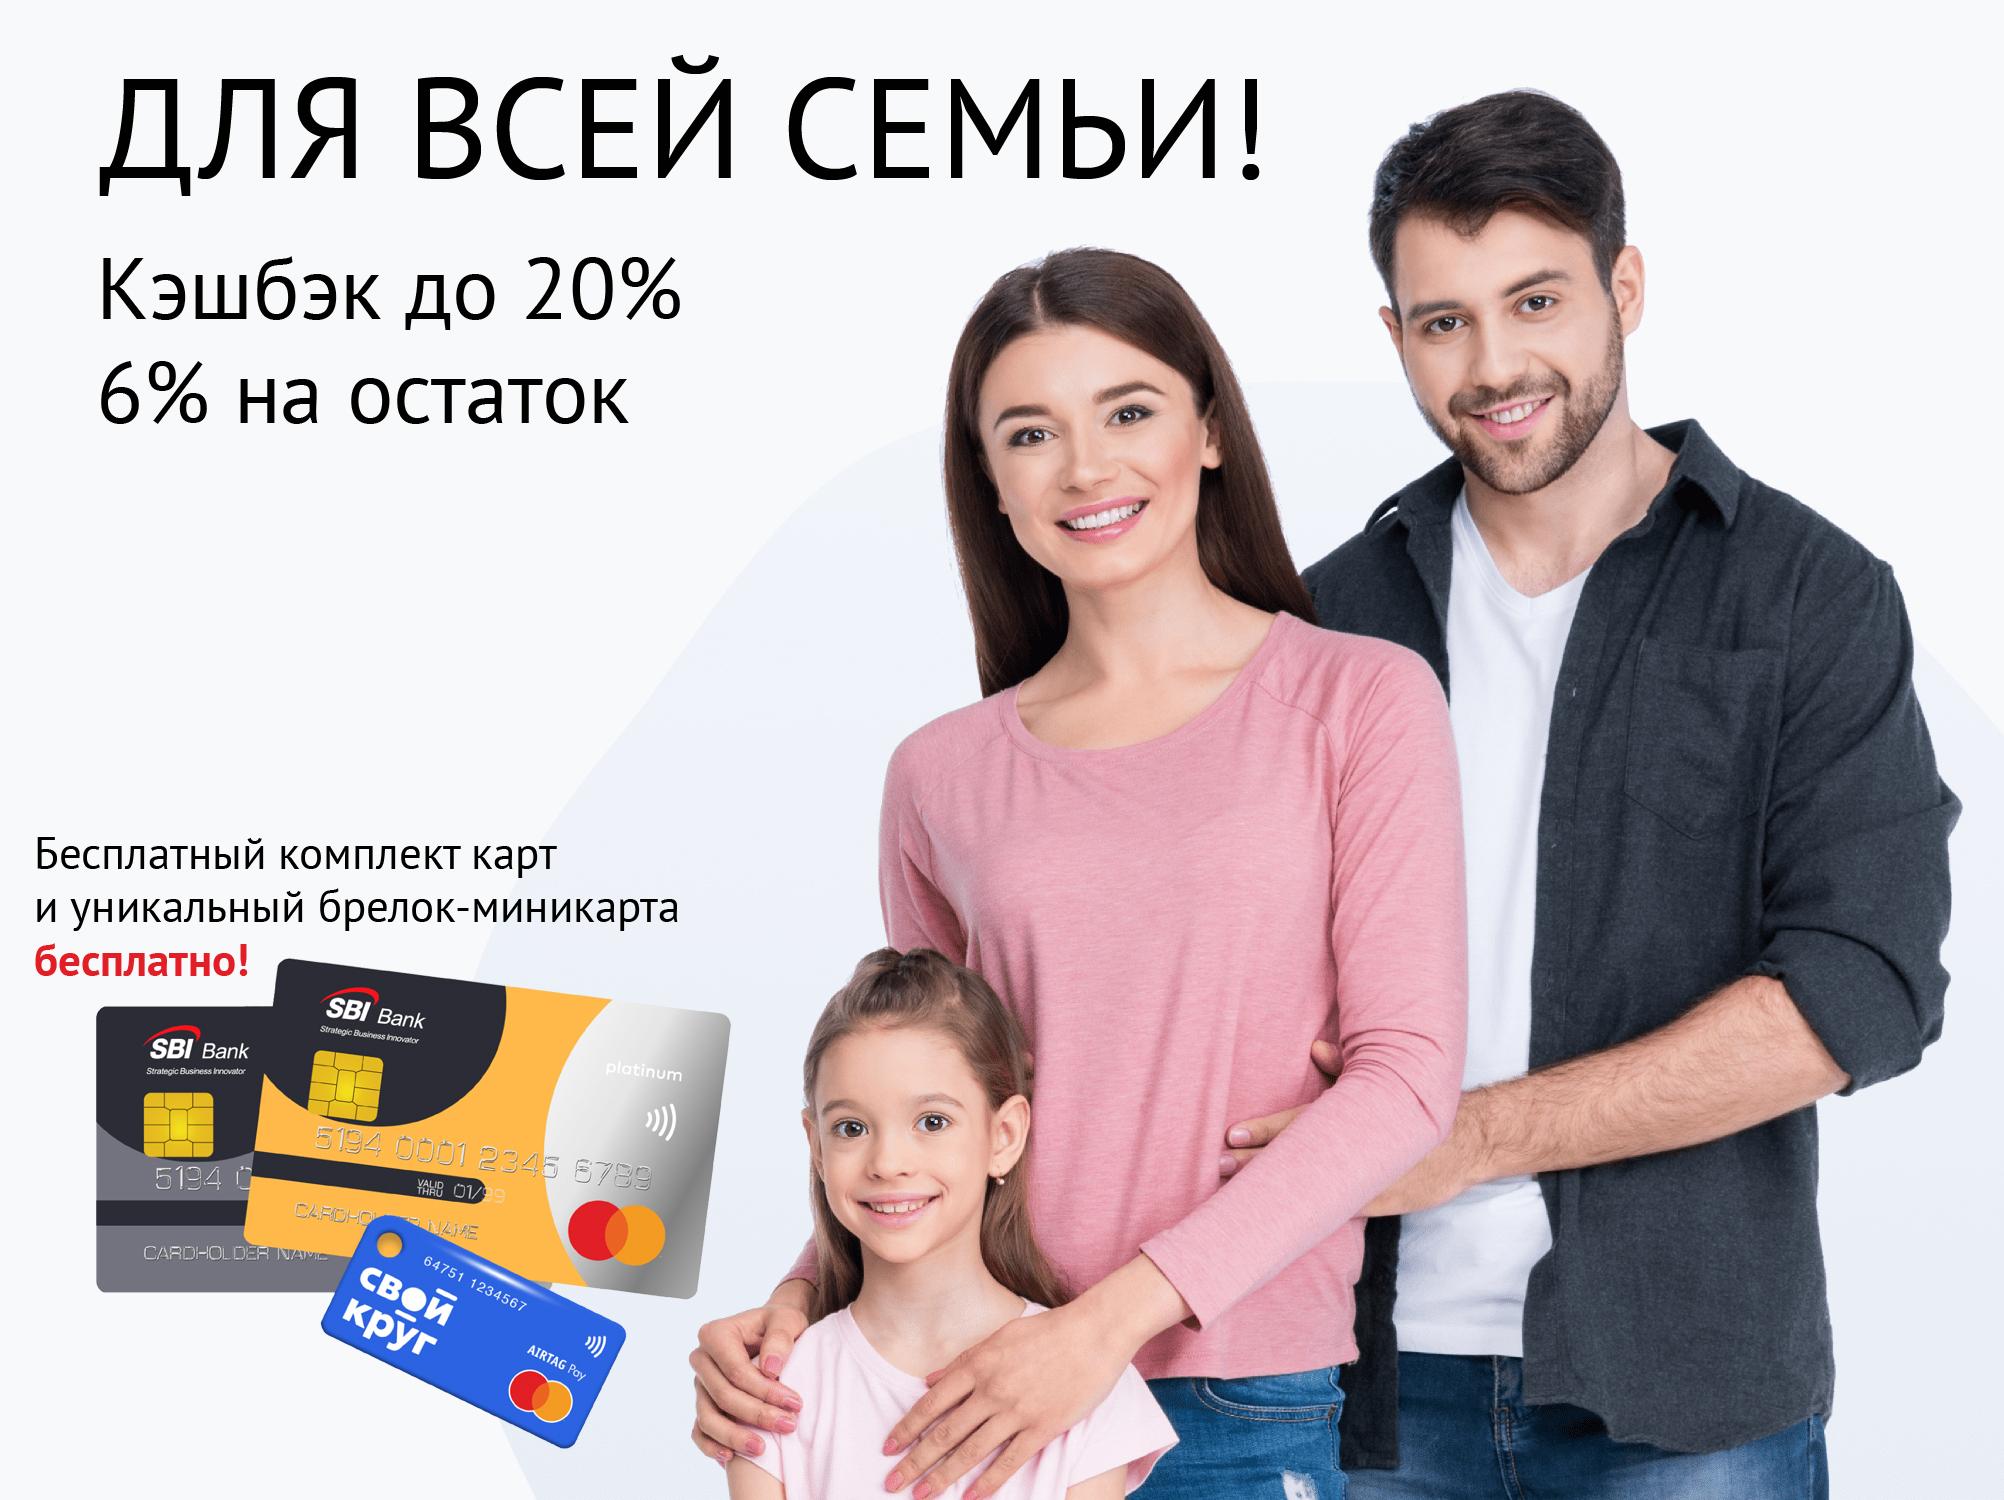 karta-svoj-krug-sbi-otzyvy_11